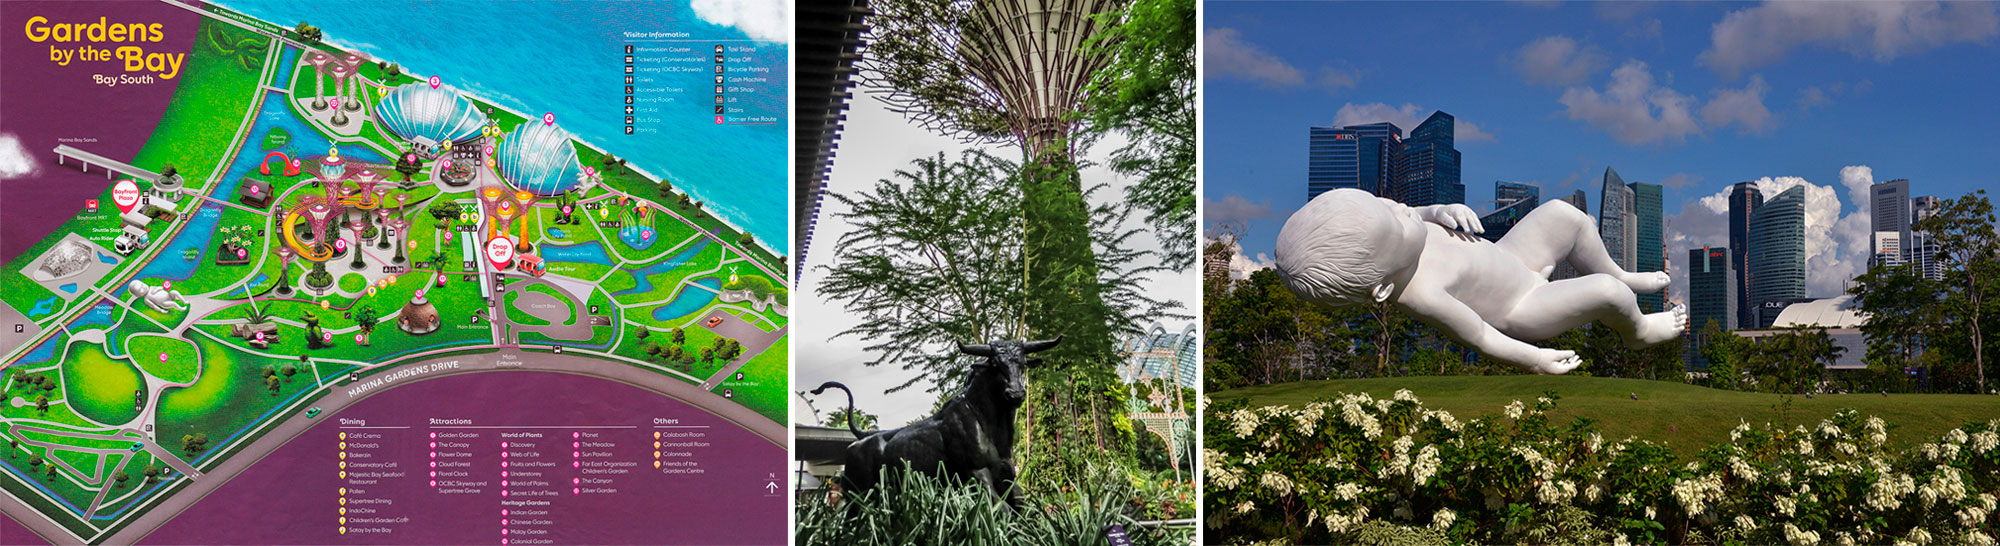 Gardens By The Bay Un Inesperado Toque De Magia En Singapur